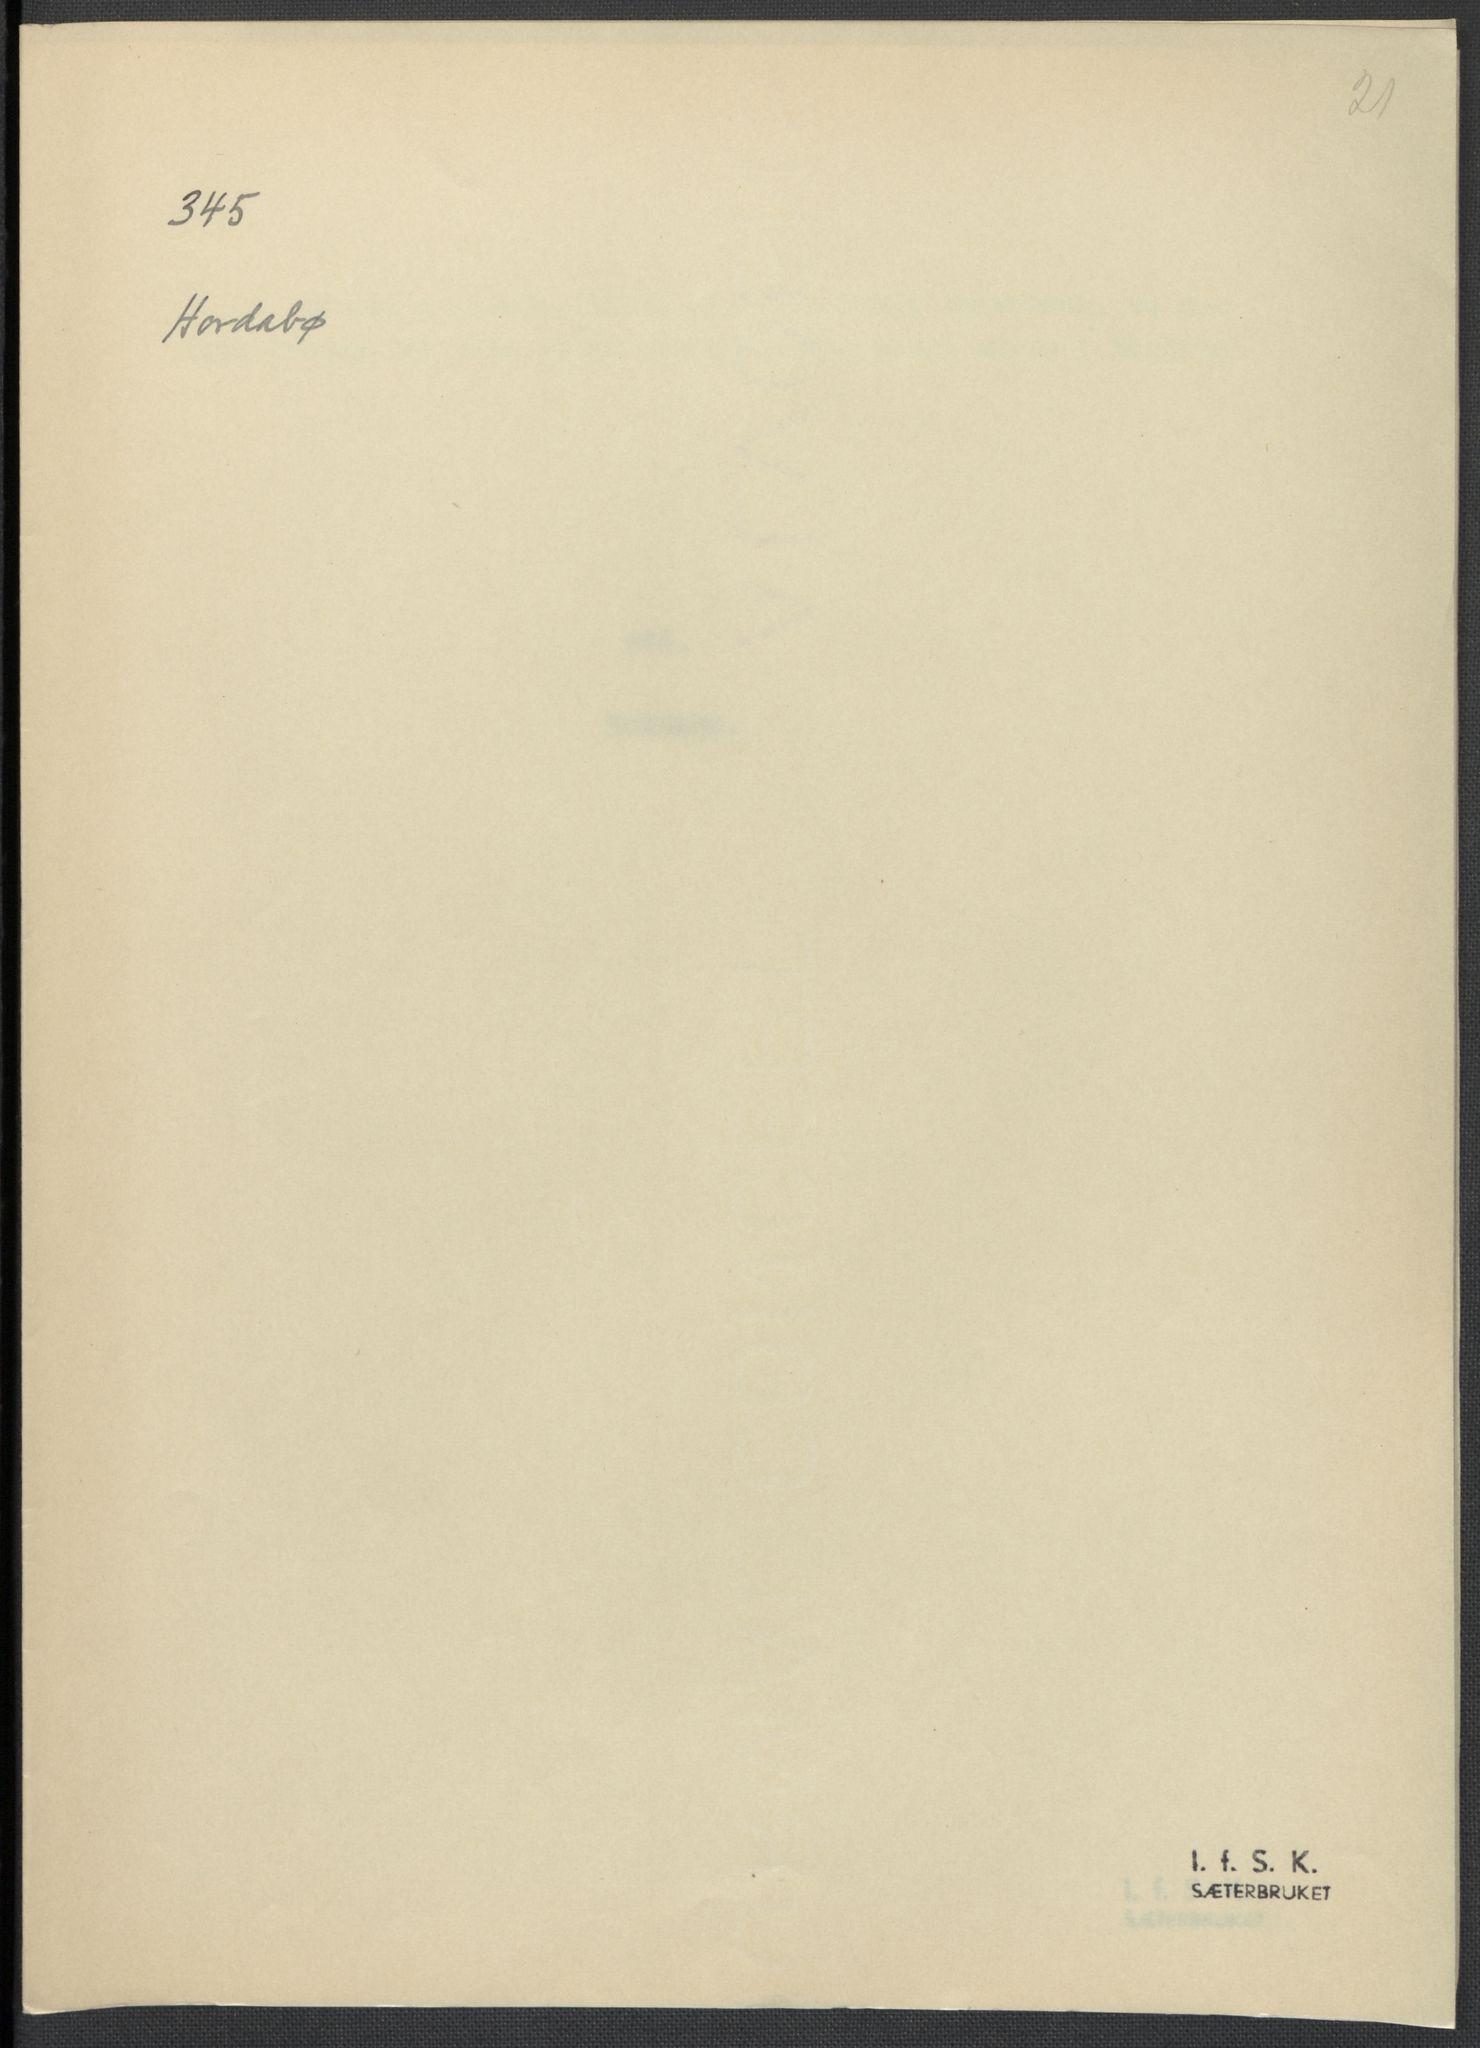 RA, Instituttet for sammenlignende kulturforskning, F/Fc/L0010: Eske B10:, 1932-1935, s. 21